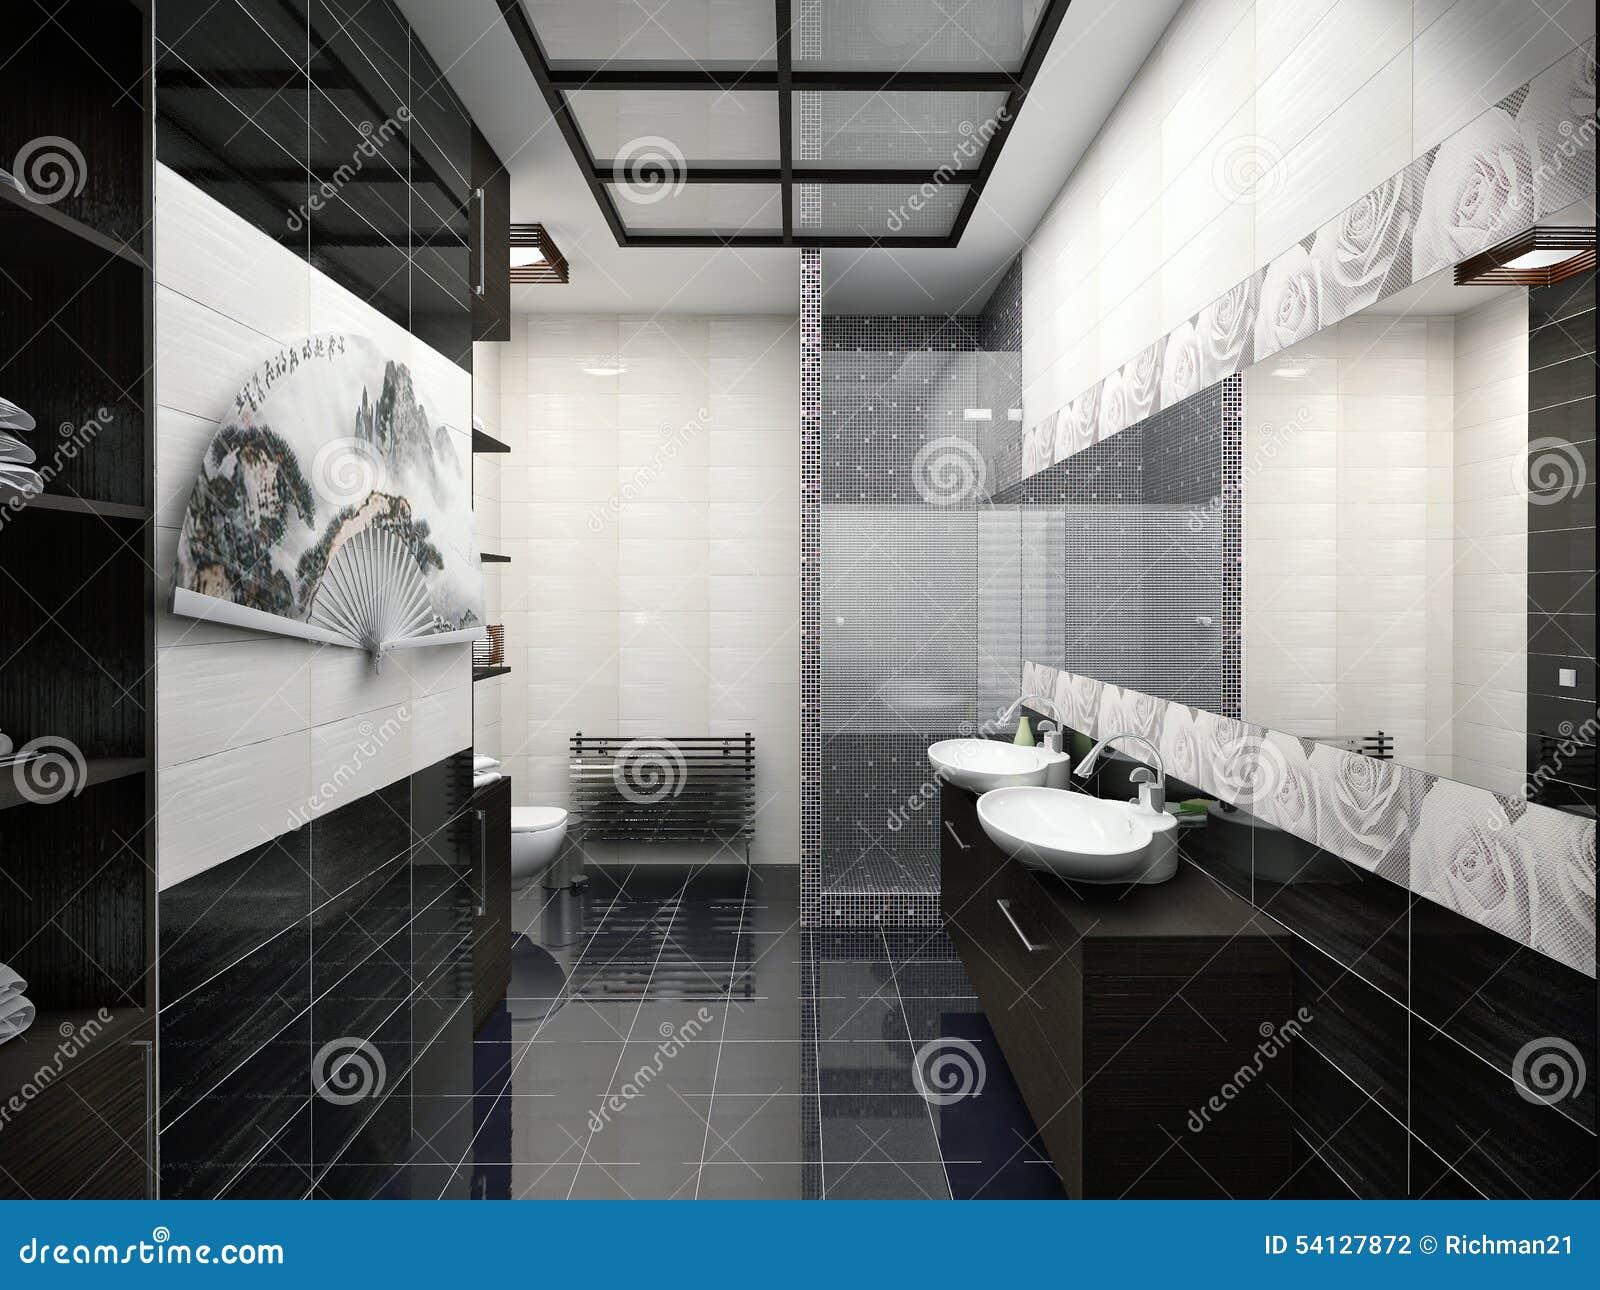 Bagni Bianco E Nero: Bagno bianco e nero idee di arredo originali. Un bagno in bianco e nero o ...